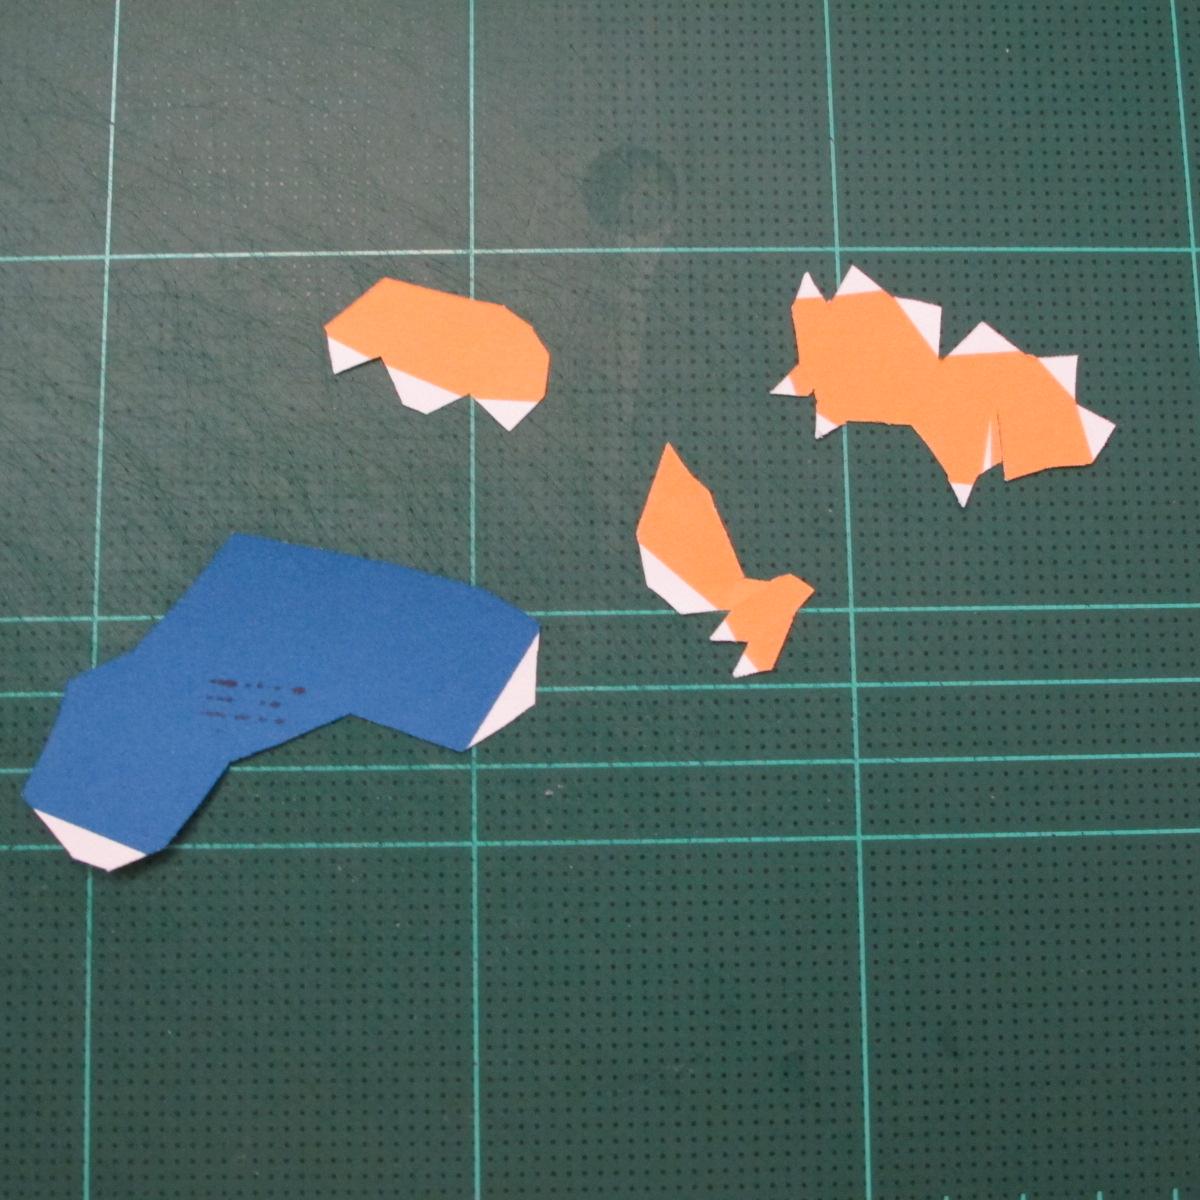 วิธีทำโมเดลกระดาษตุ้กตา คุกกี้รสราชินีสเก็ตลีลา จากเกมส์คุกกี้รัน (LINE Cookie Run Skating Queen Cookie Papercraft Model) 018